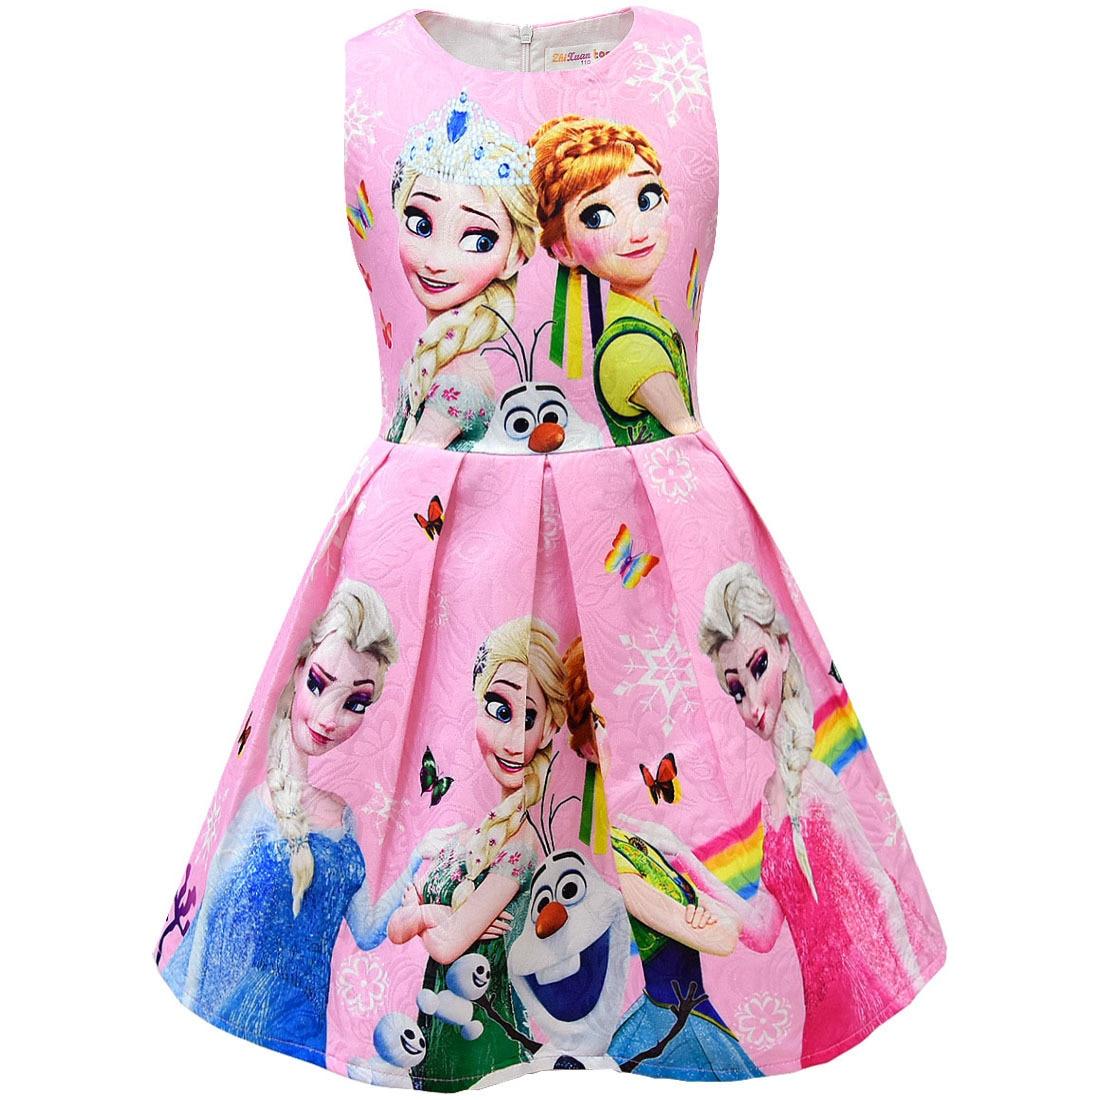 d208d4ae483d Cheap Nuevo verano princesa Elsa Vestido para niñas bebé Anime cumpleaños  fiesta vestidos Elza disfraz niños